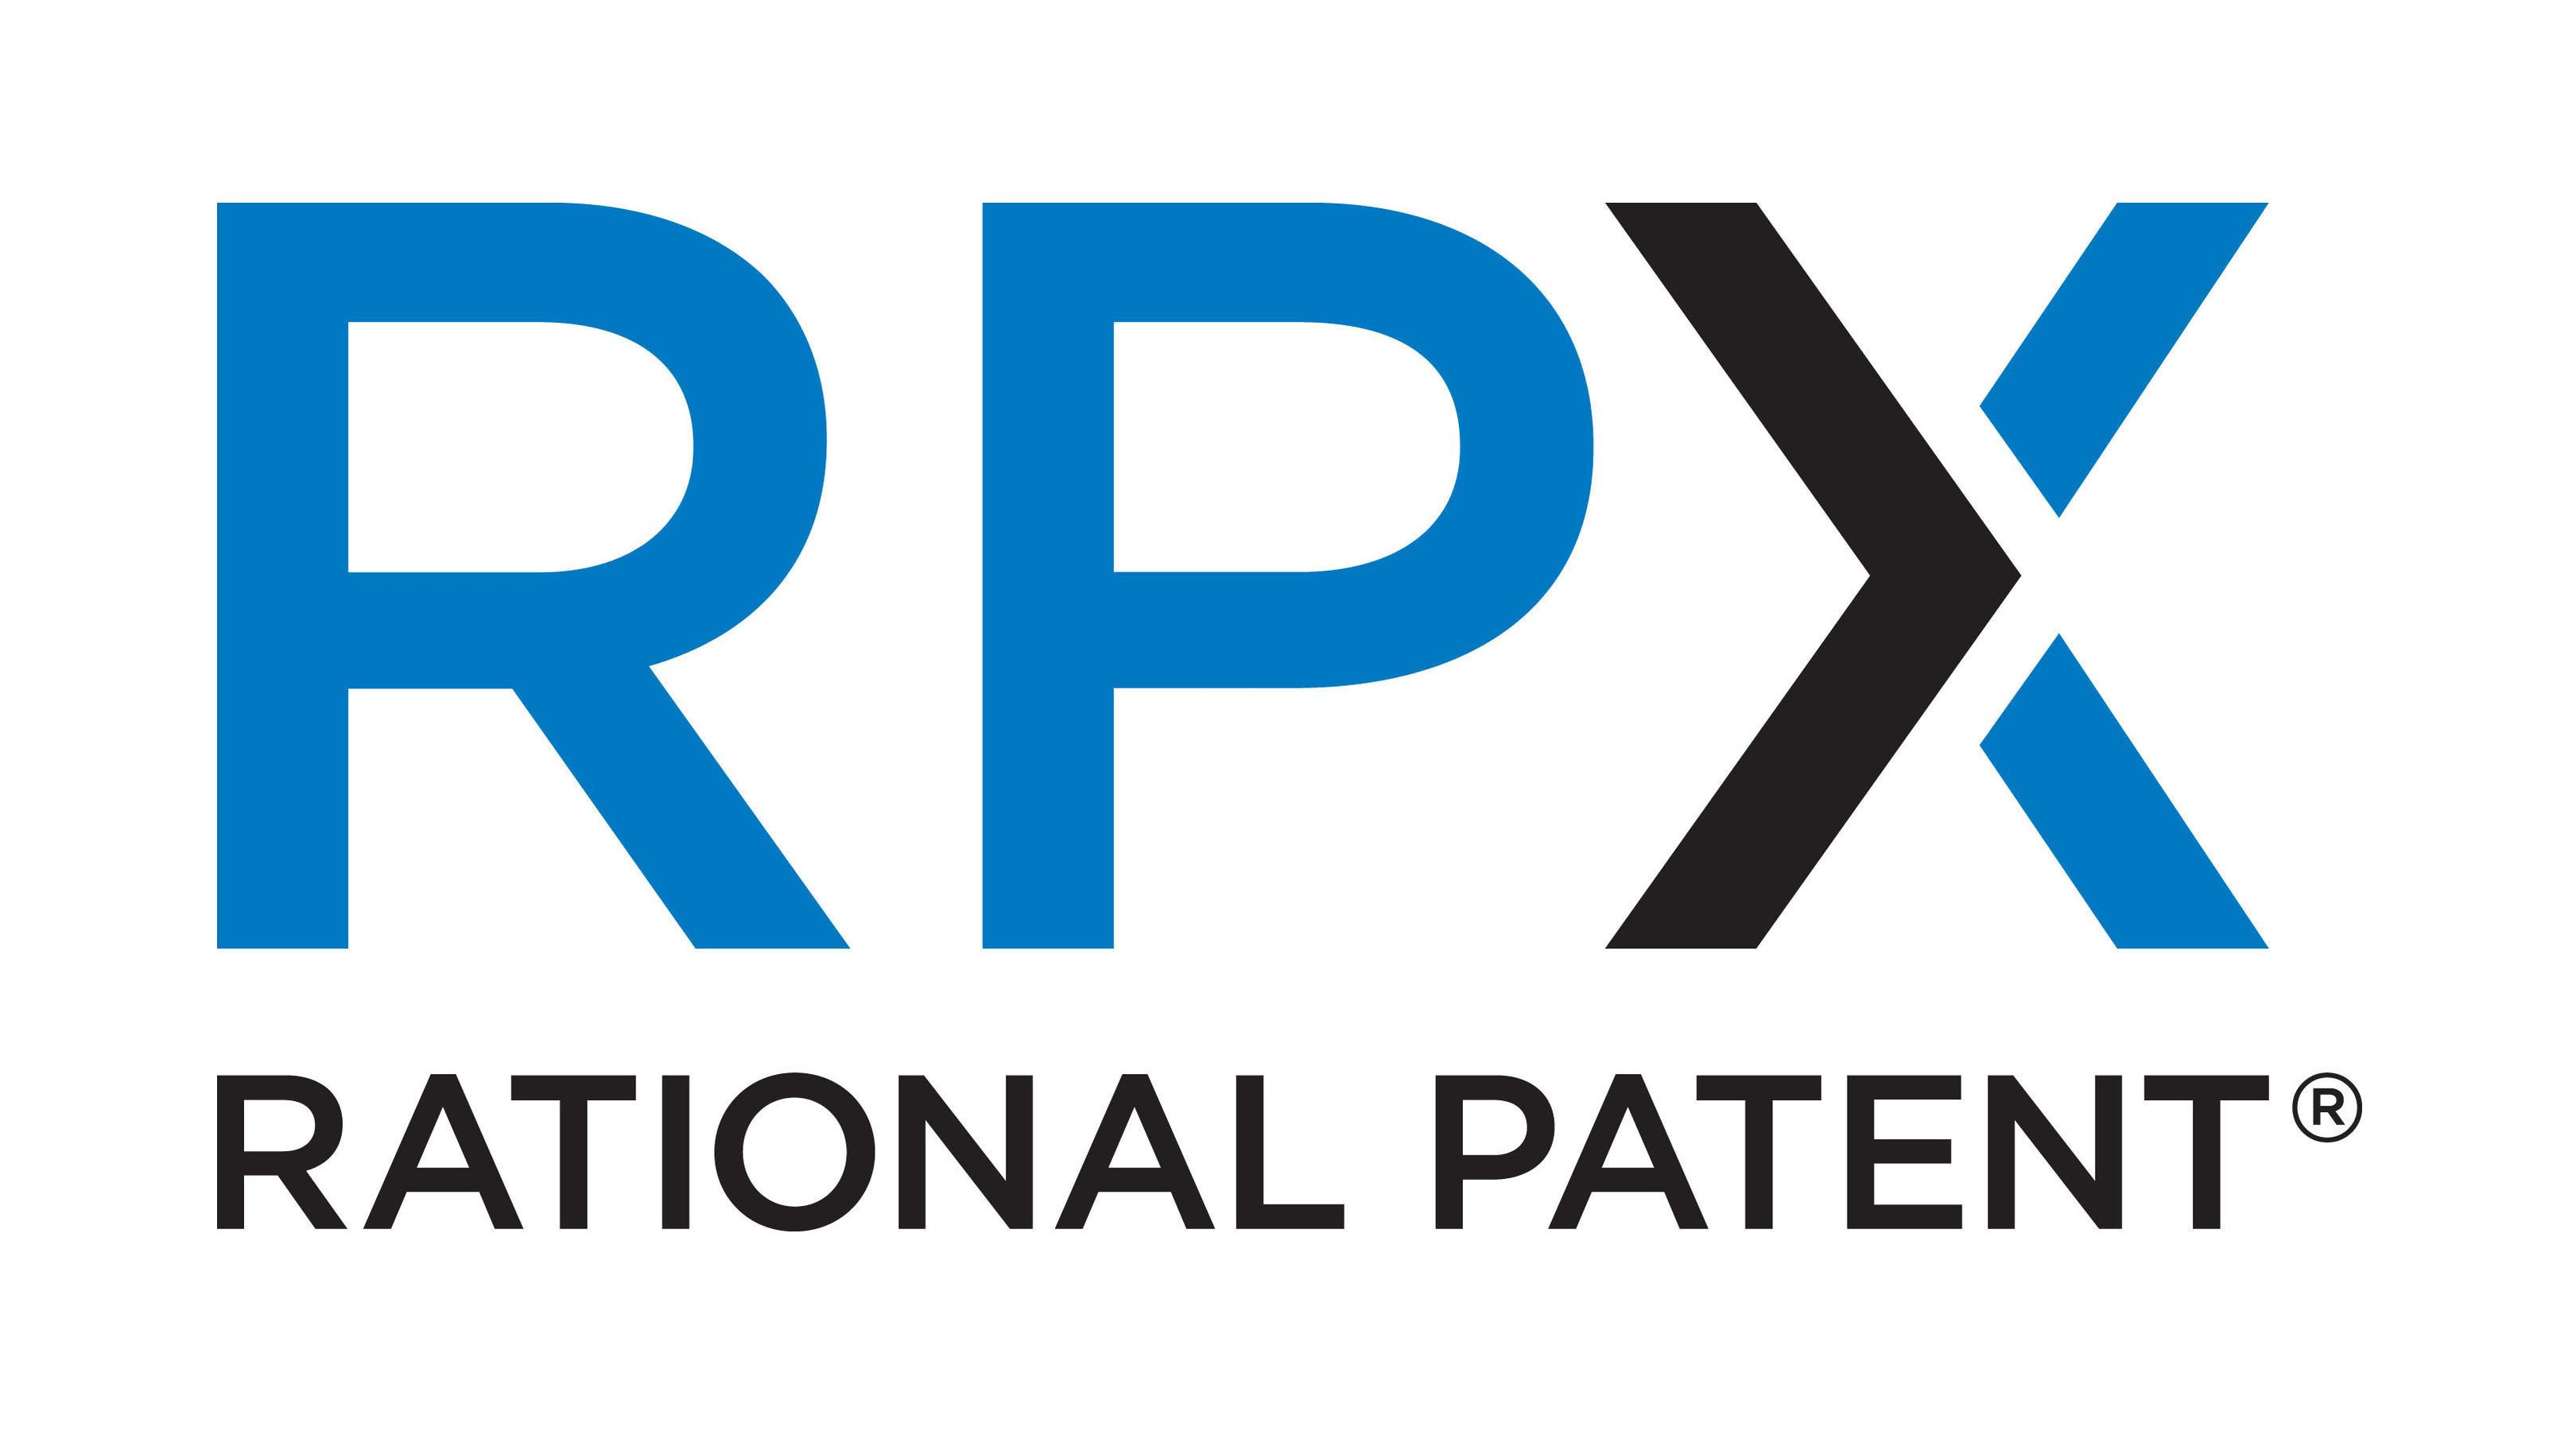 RPX Corporation company logo